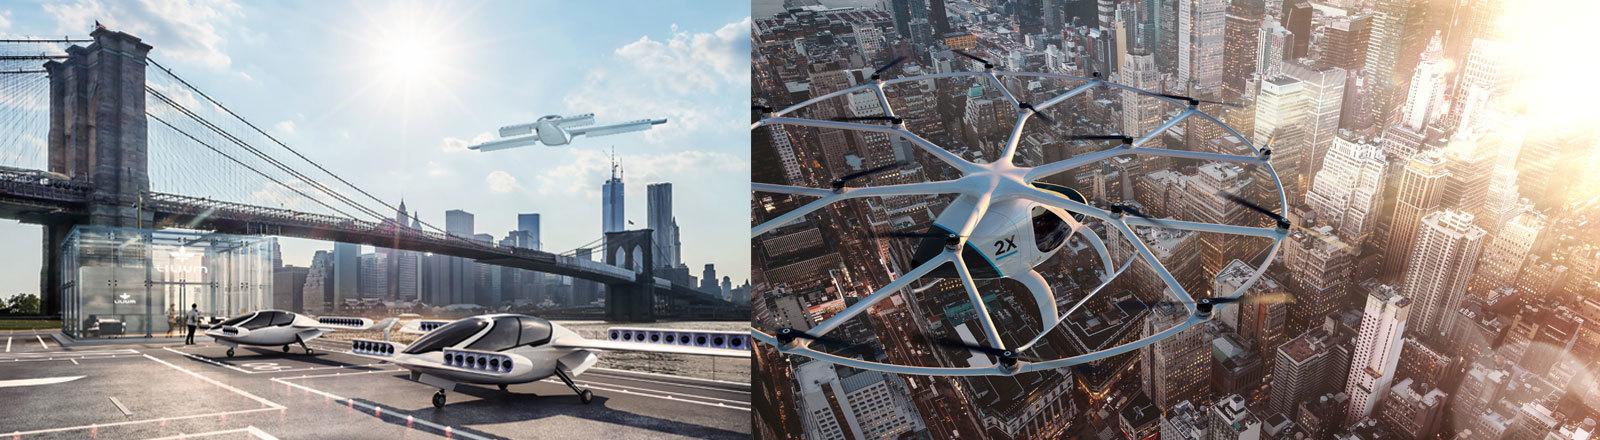 Grafiken der Flugdrohnen der deutschen Startups Lilium Aviation und Volocopter